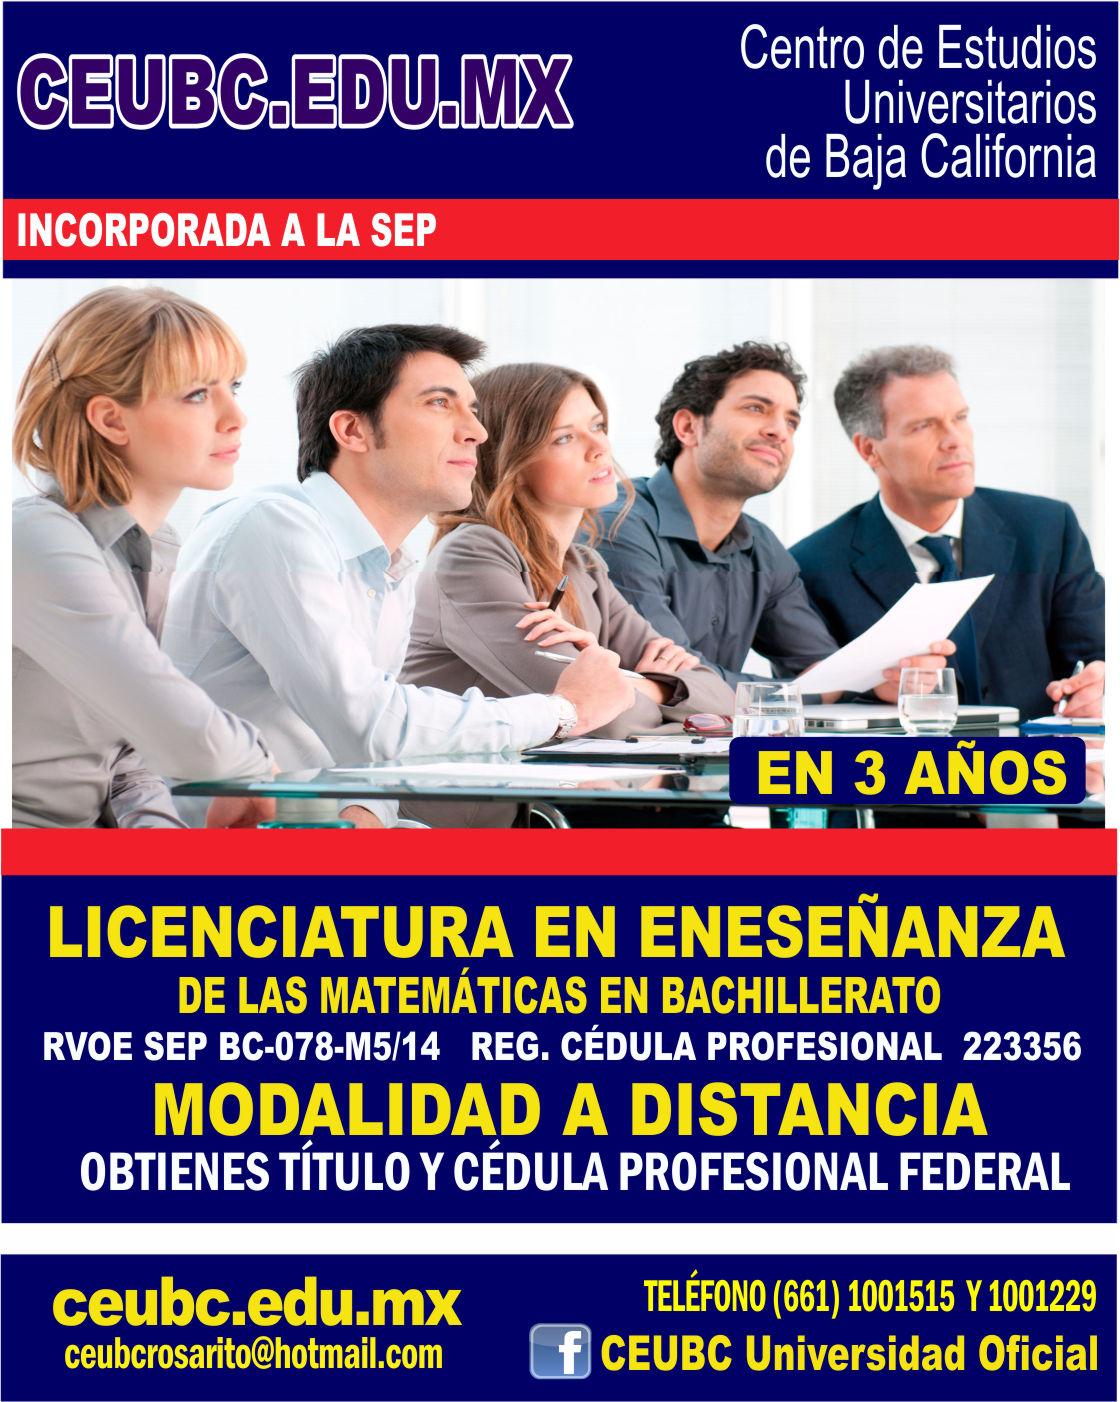 RVOE oficial: Licenciatura en Educación en el Área de Matemáticas